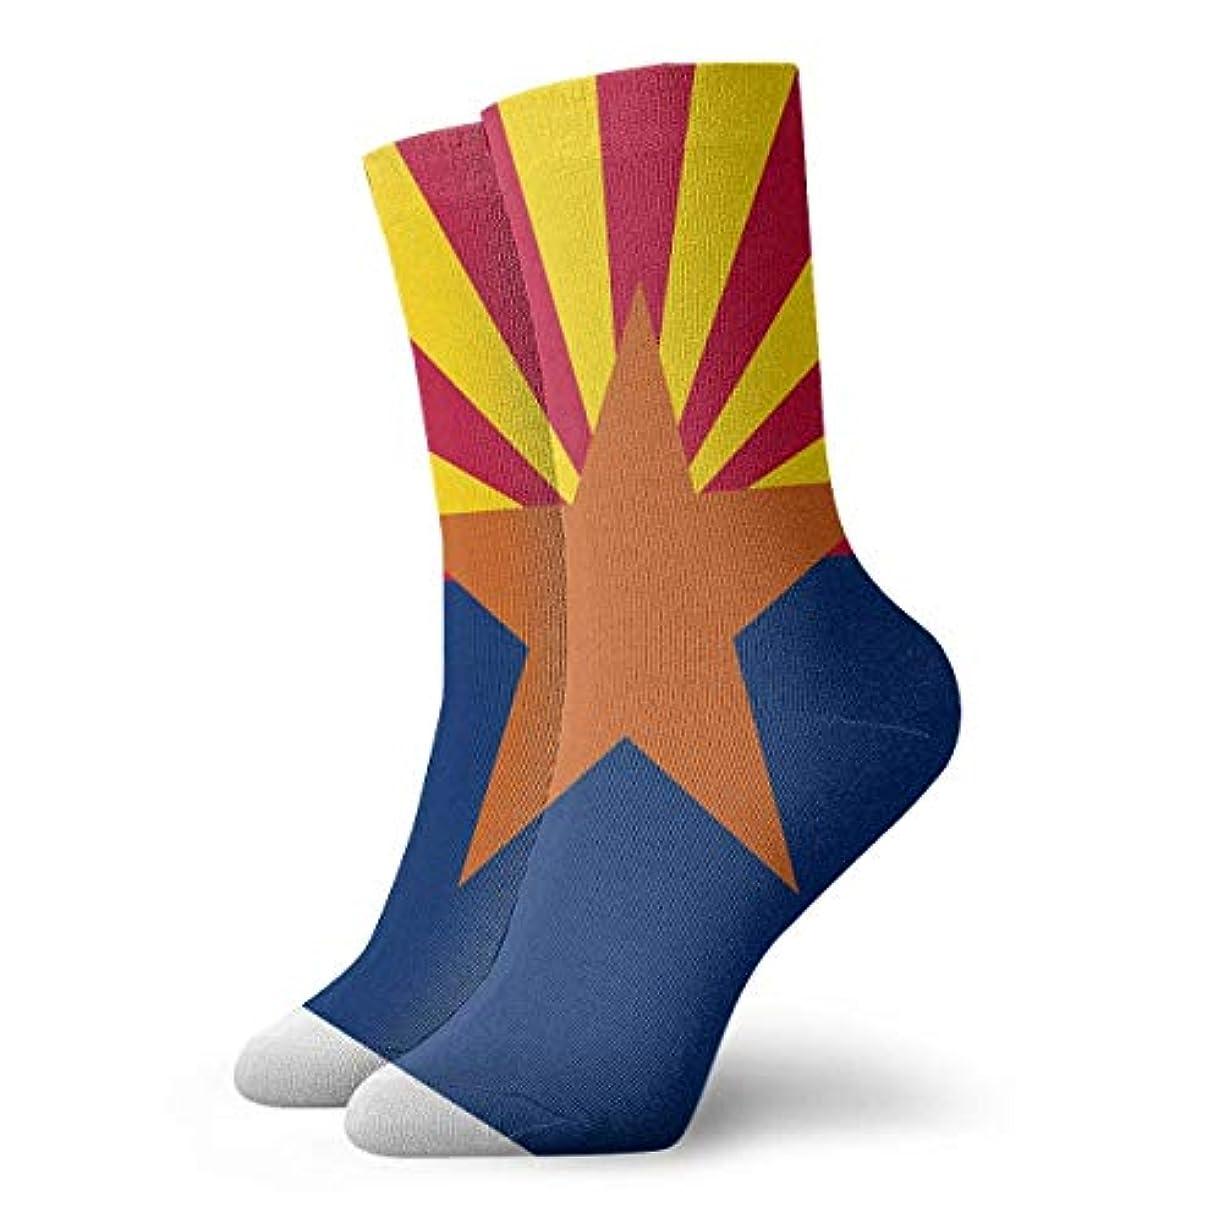 盲目に頼る祖母スカイラインクリスマスソックスソックスシルエットソックスシルエットソックス靴下柄靴下